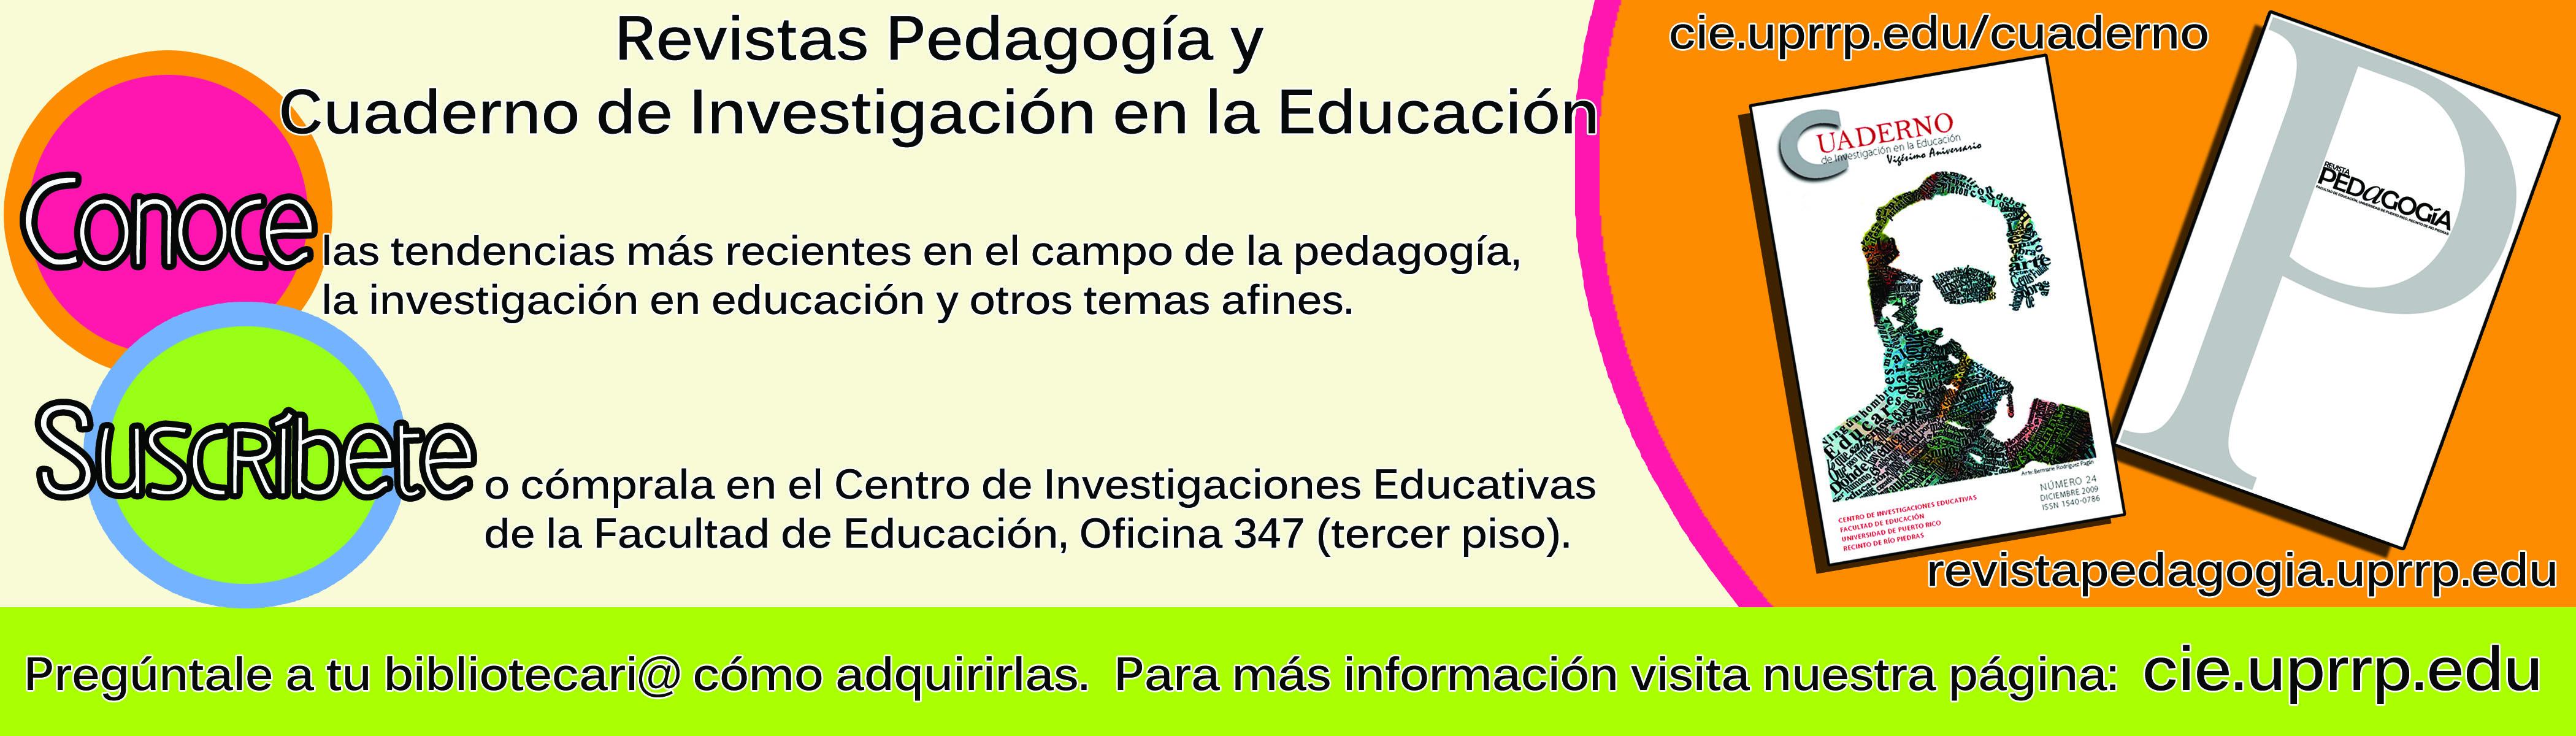 Promoción de Cuaderno y  Pedagogía